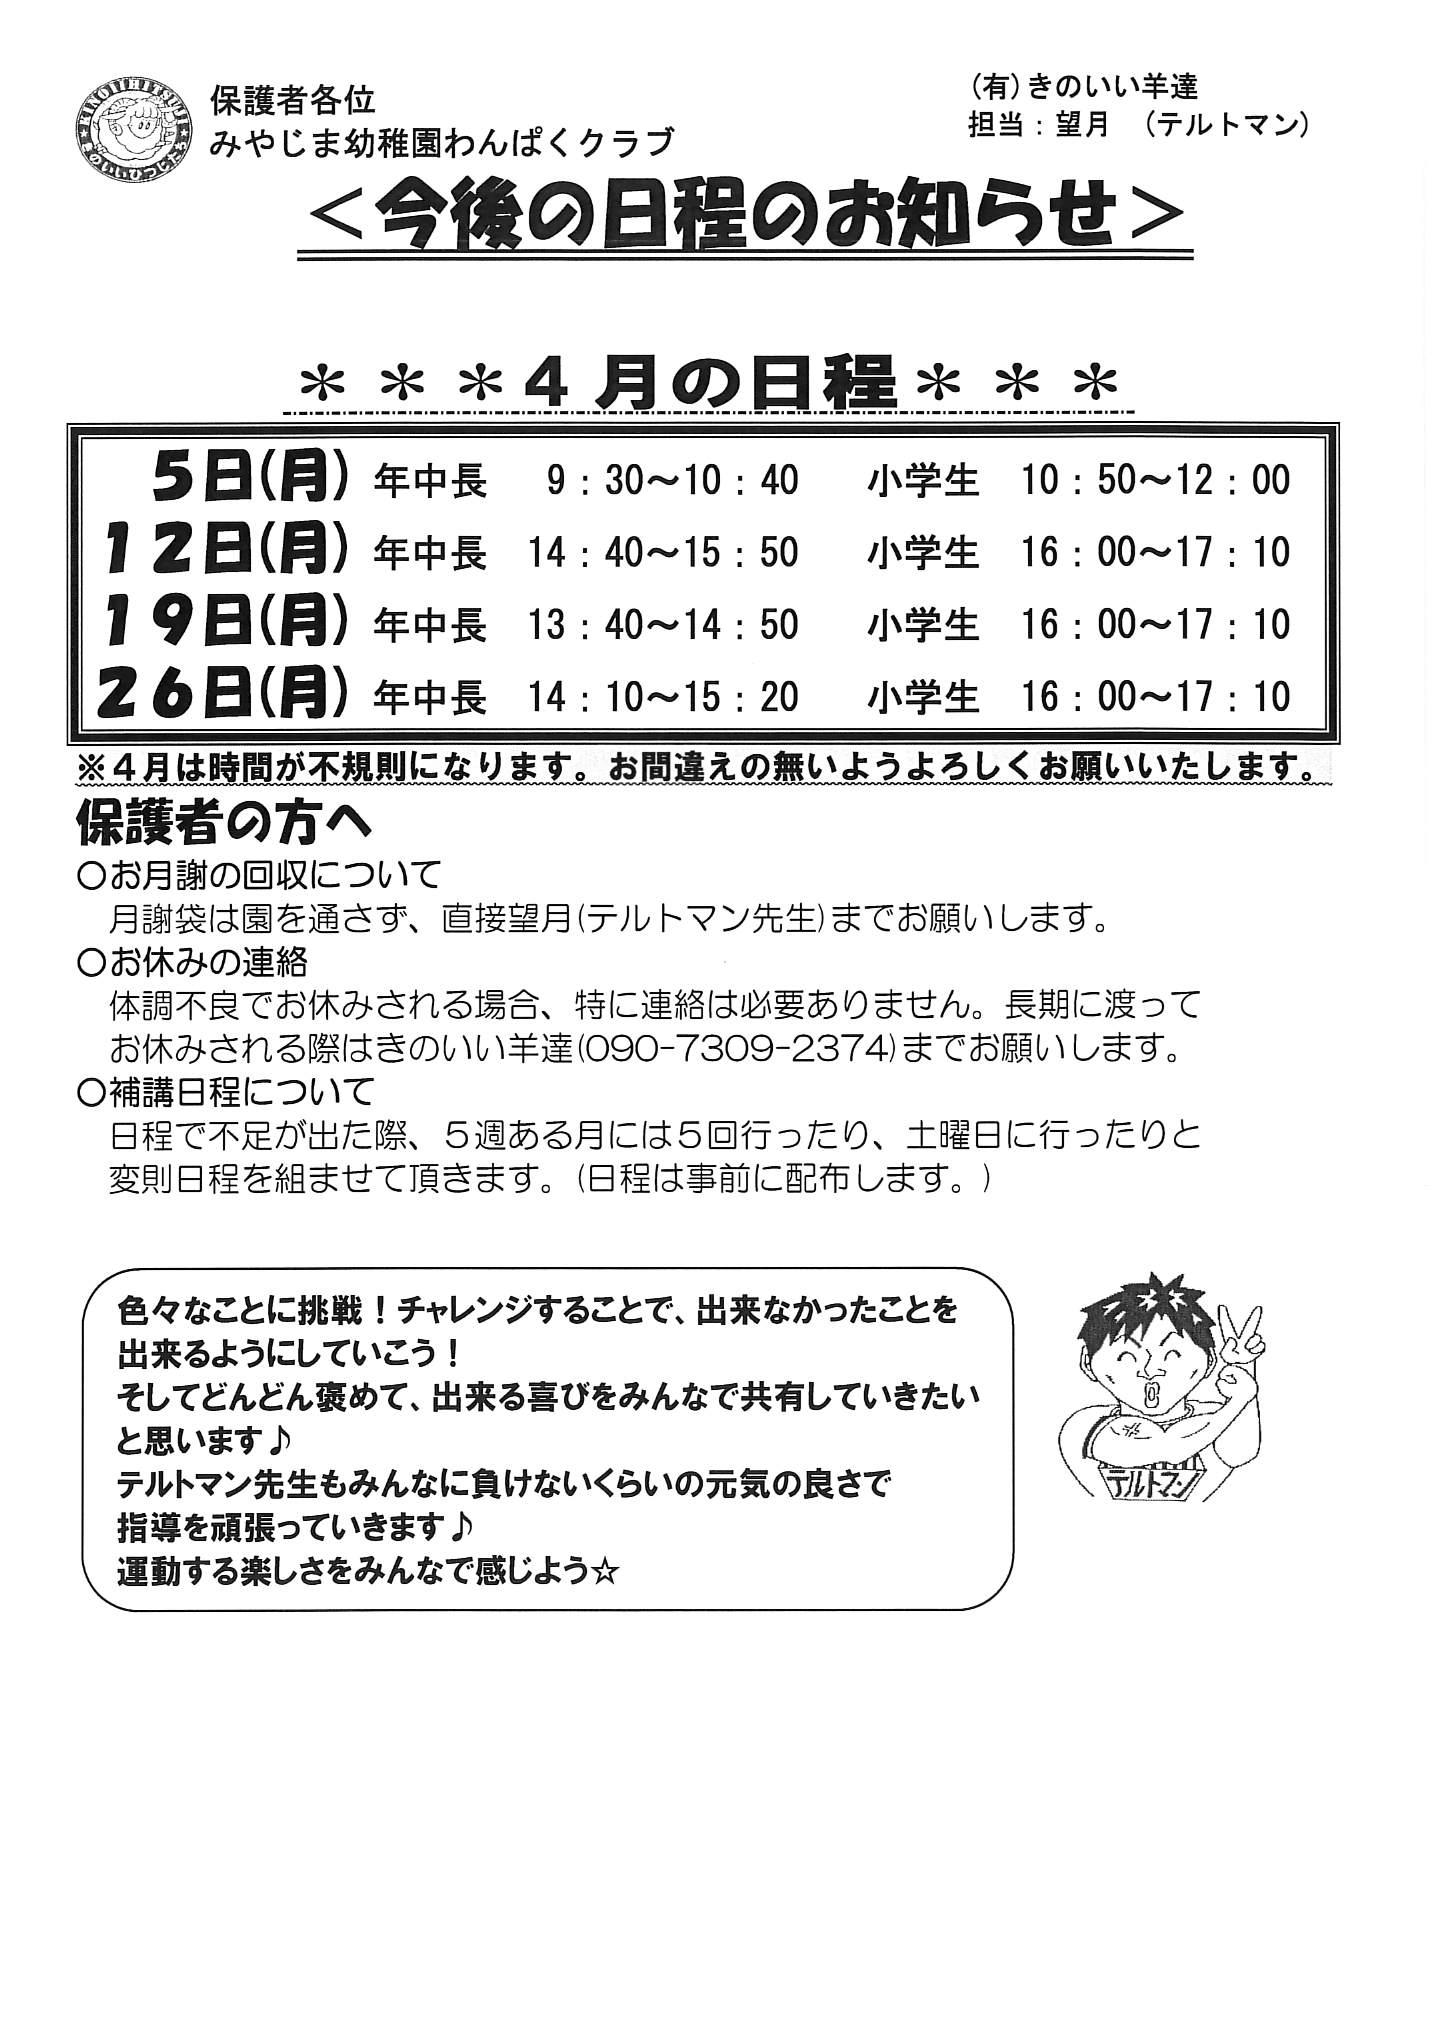 焼津 みやじま幼稚園